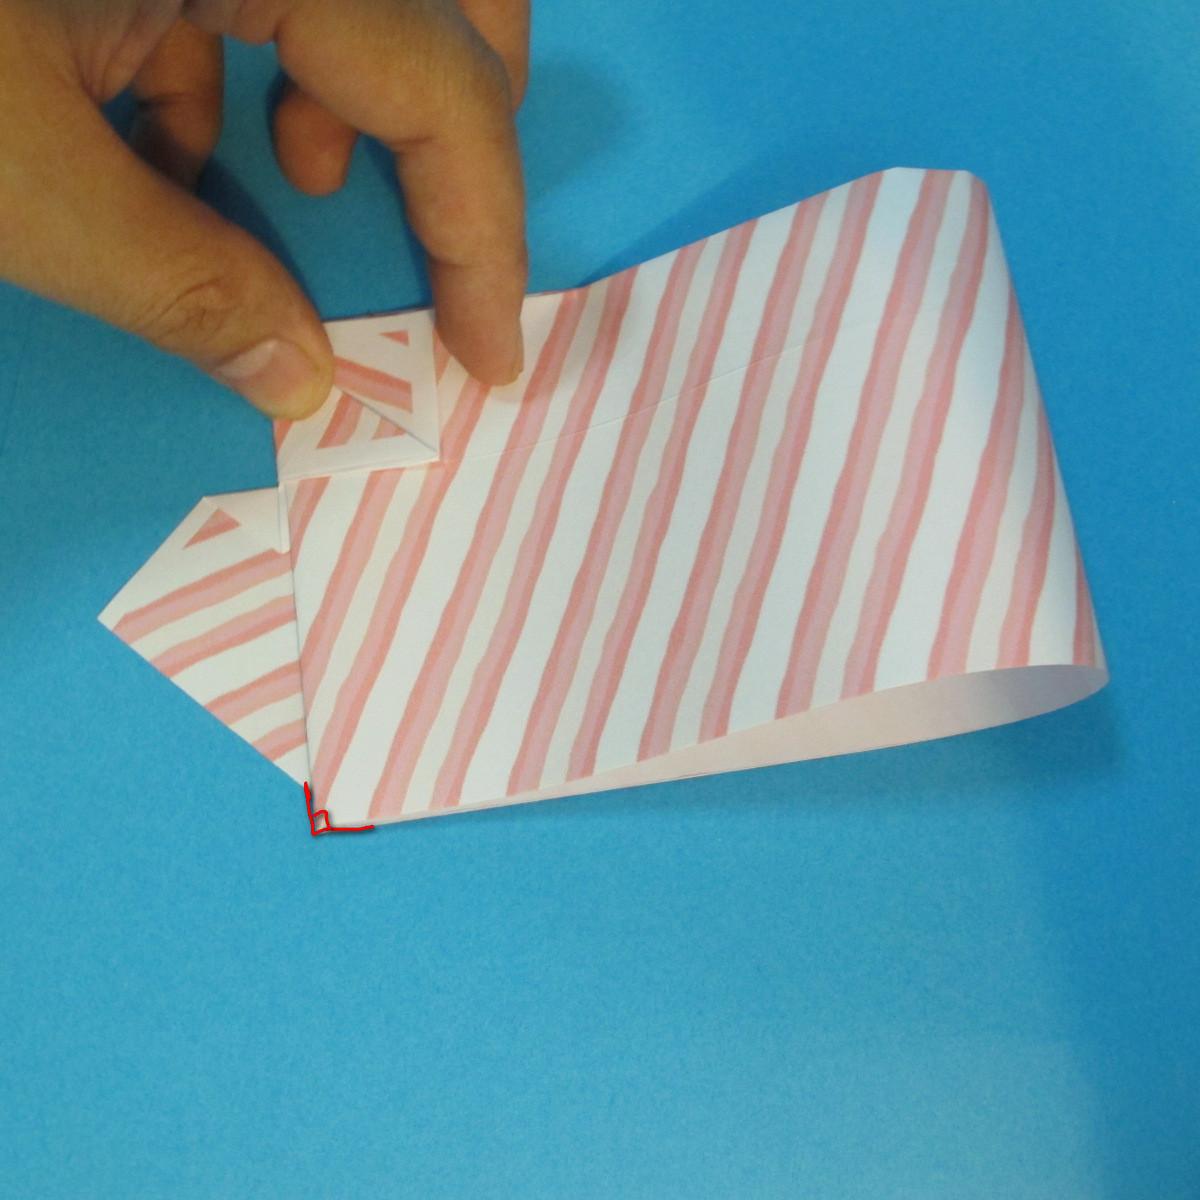 วิธีพับกล่องกระดาษรูปหัวใจส่วนฐานกล่อง 030